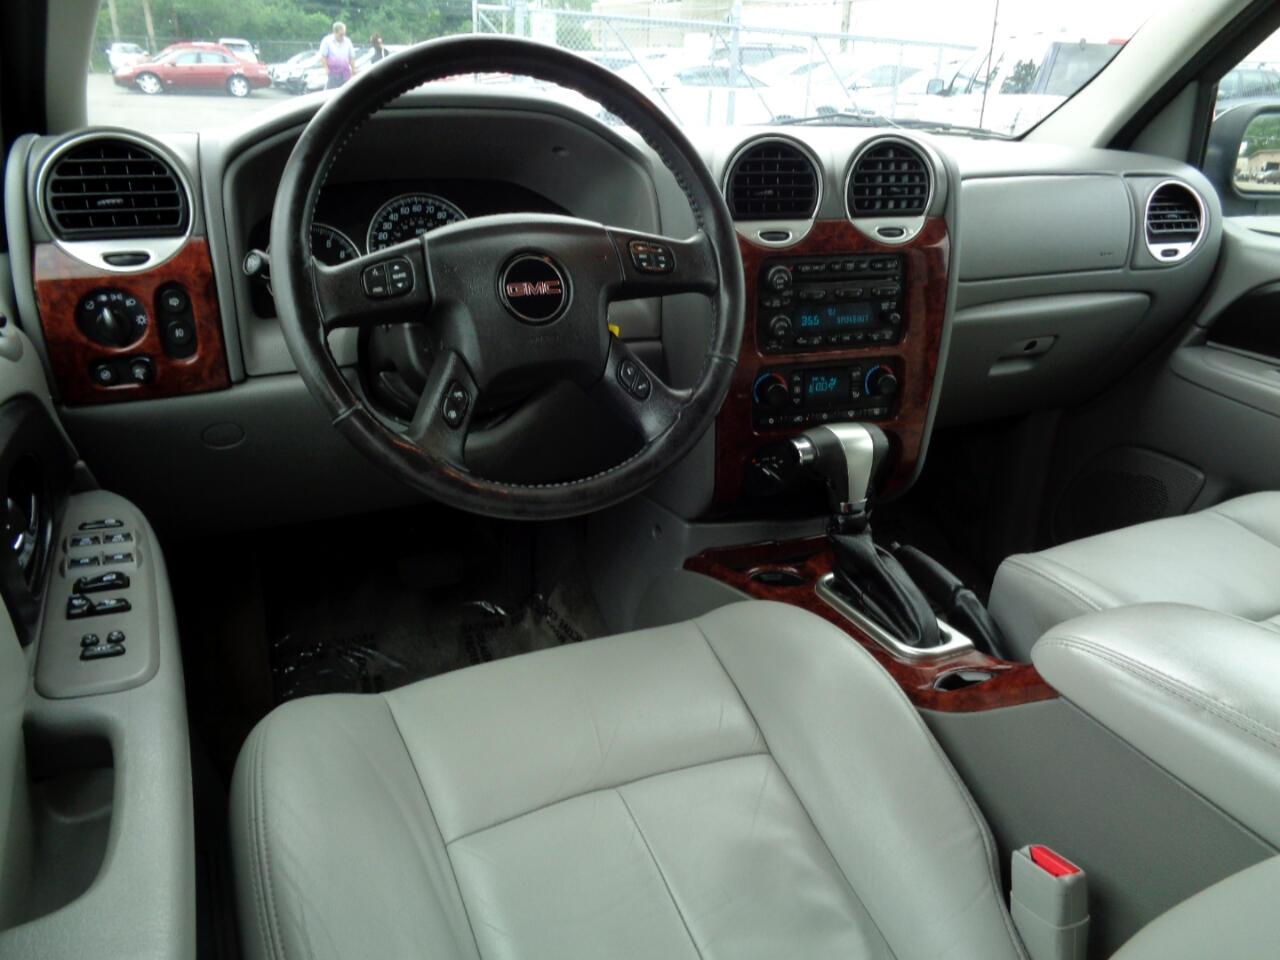 2009 GMC Envoy SLT-1 4WD